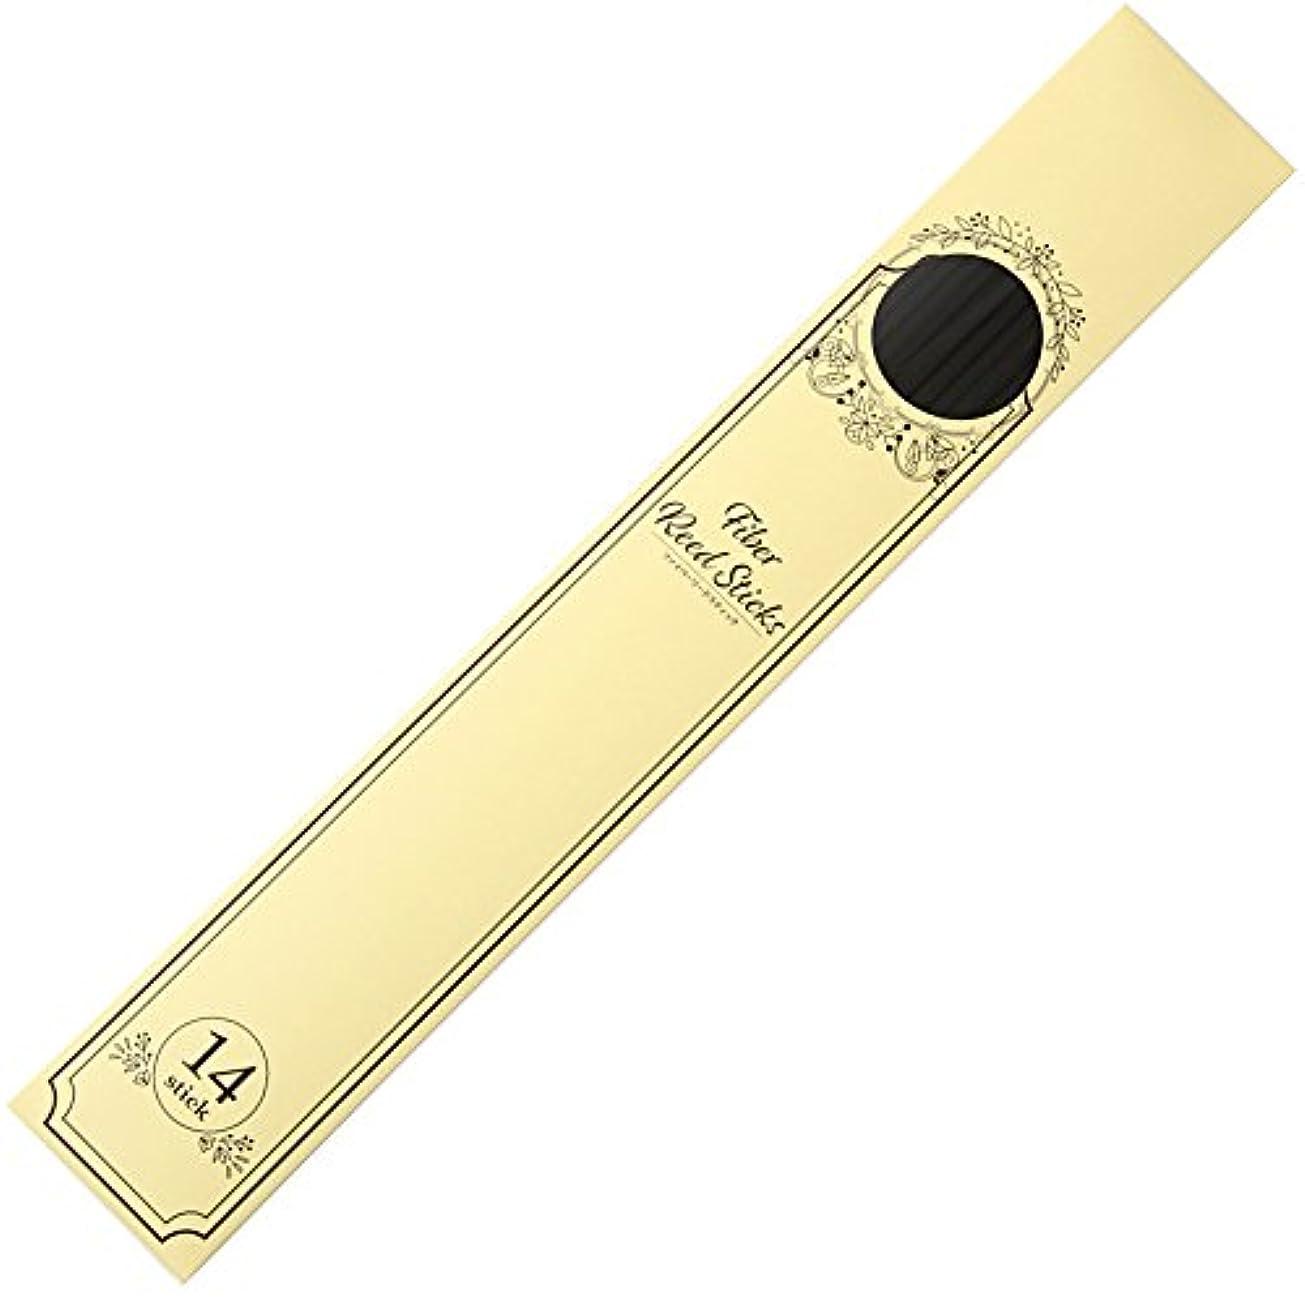 亜熱帯イブタイプライターbaobab(バオバブ) リードディフューザー用 リードスティック リフィル [ファイバーリードスティック 30㎝] 14本 全7色 (ブラック)